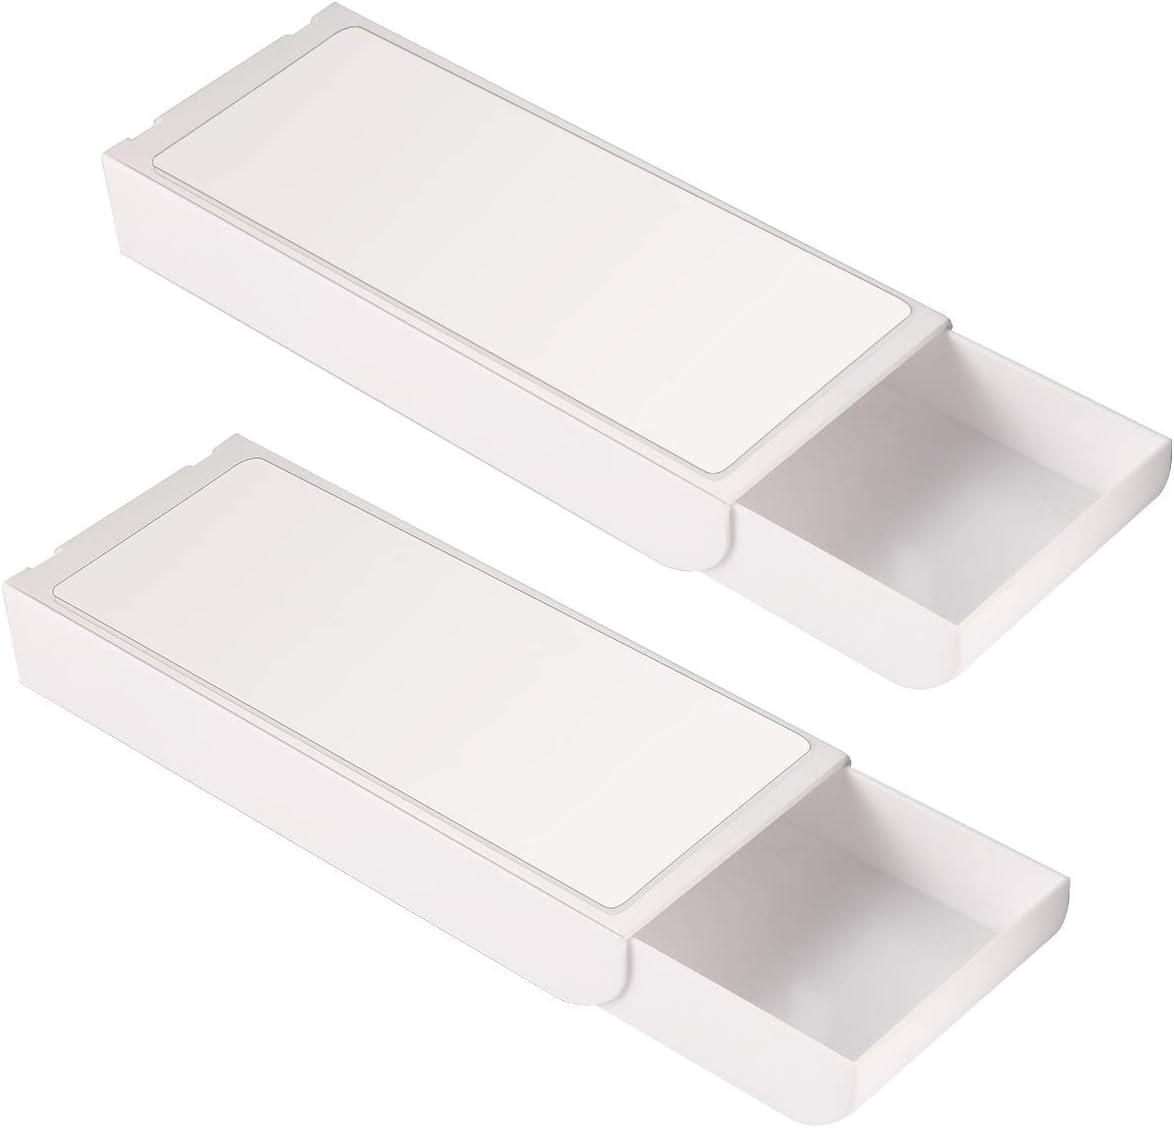 Cassetto portapenne portapenne vassoio sotto la scrivania adesivo nascosto contenitore per cancelleria organizer invisibile per trucchi ripiano inferiore per ufficio scuola casa scrivania 2 pezzi